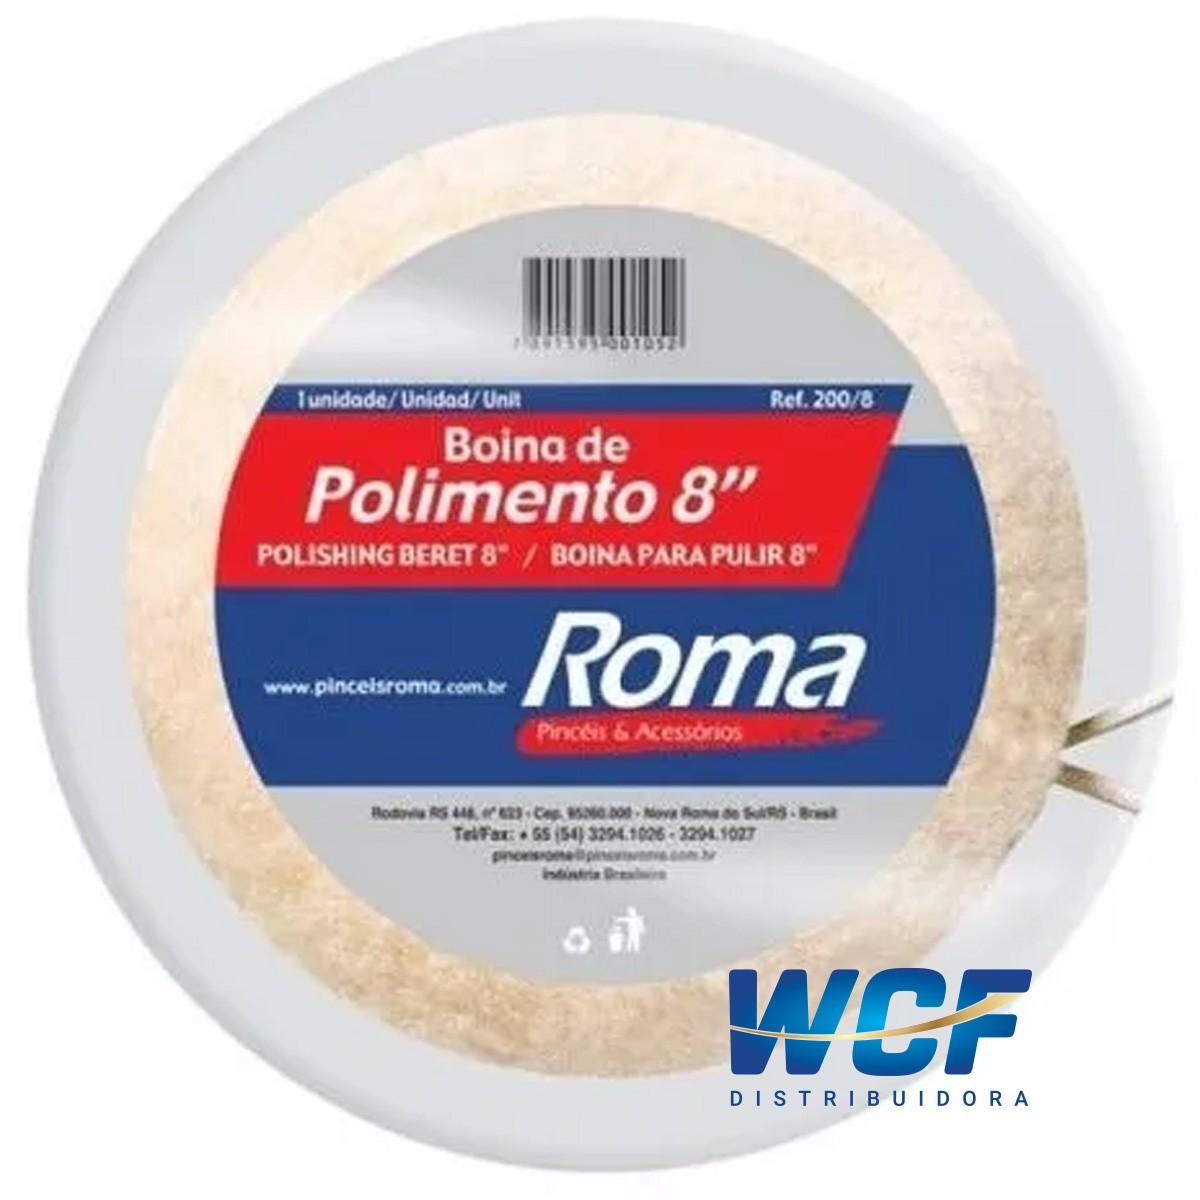 ROMA BOINA DE POLIMENTO AMARRAR 8